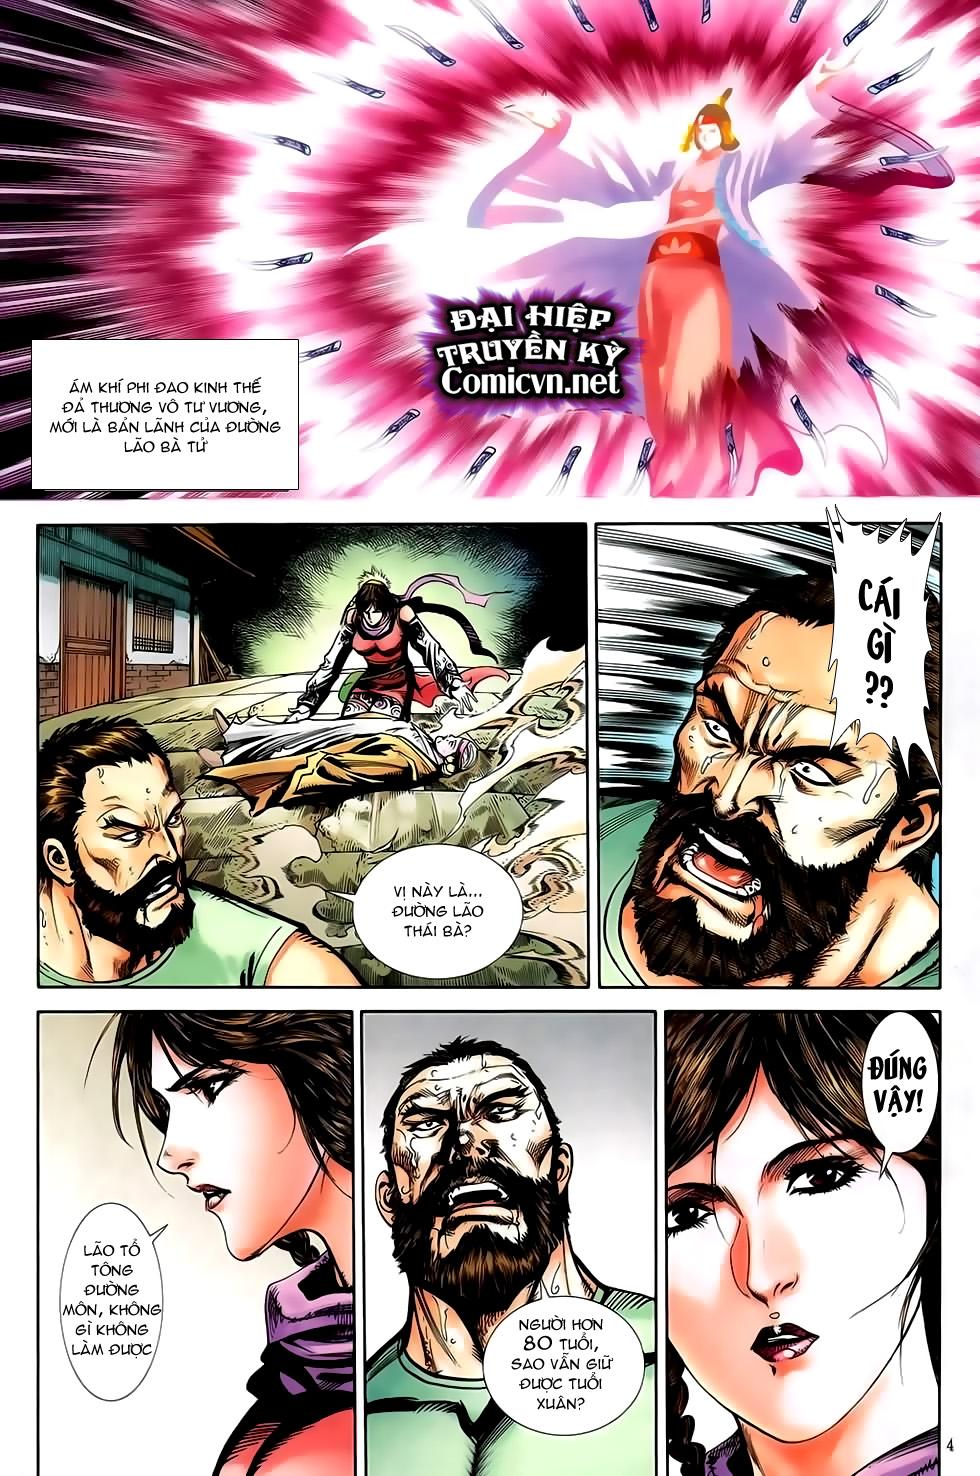 Đại Hiệp Truyền Kỳ (Thần Châu Hậu Truyện) chap 51 - Trang 3